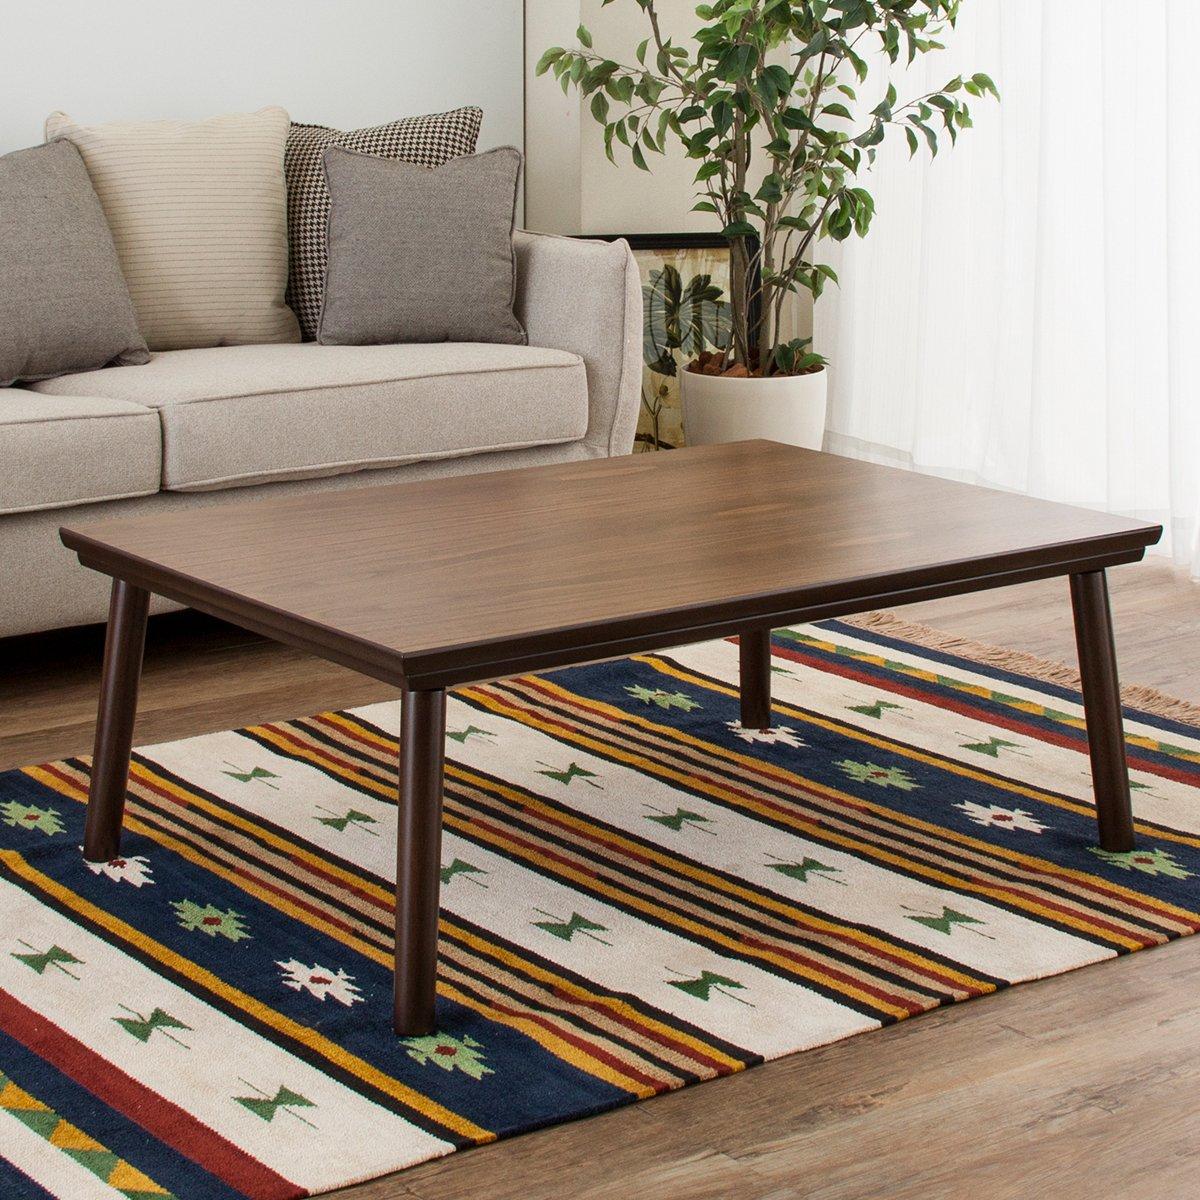 こたつ こたつテーブル テーブル 可愛い お洒落 北欧風 天然木 ウォールナット 木 木材 木目 木製 シンプル ナチュラル モダン ヒーター ブラウン オールシーズン 長方形 【w105×D75×H38cm】 B075SVC3QP